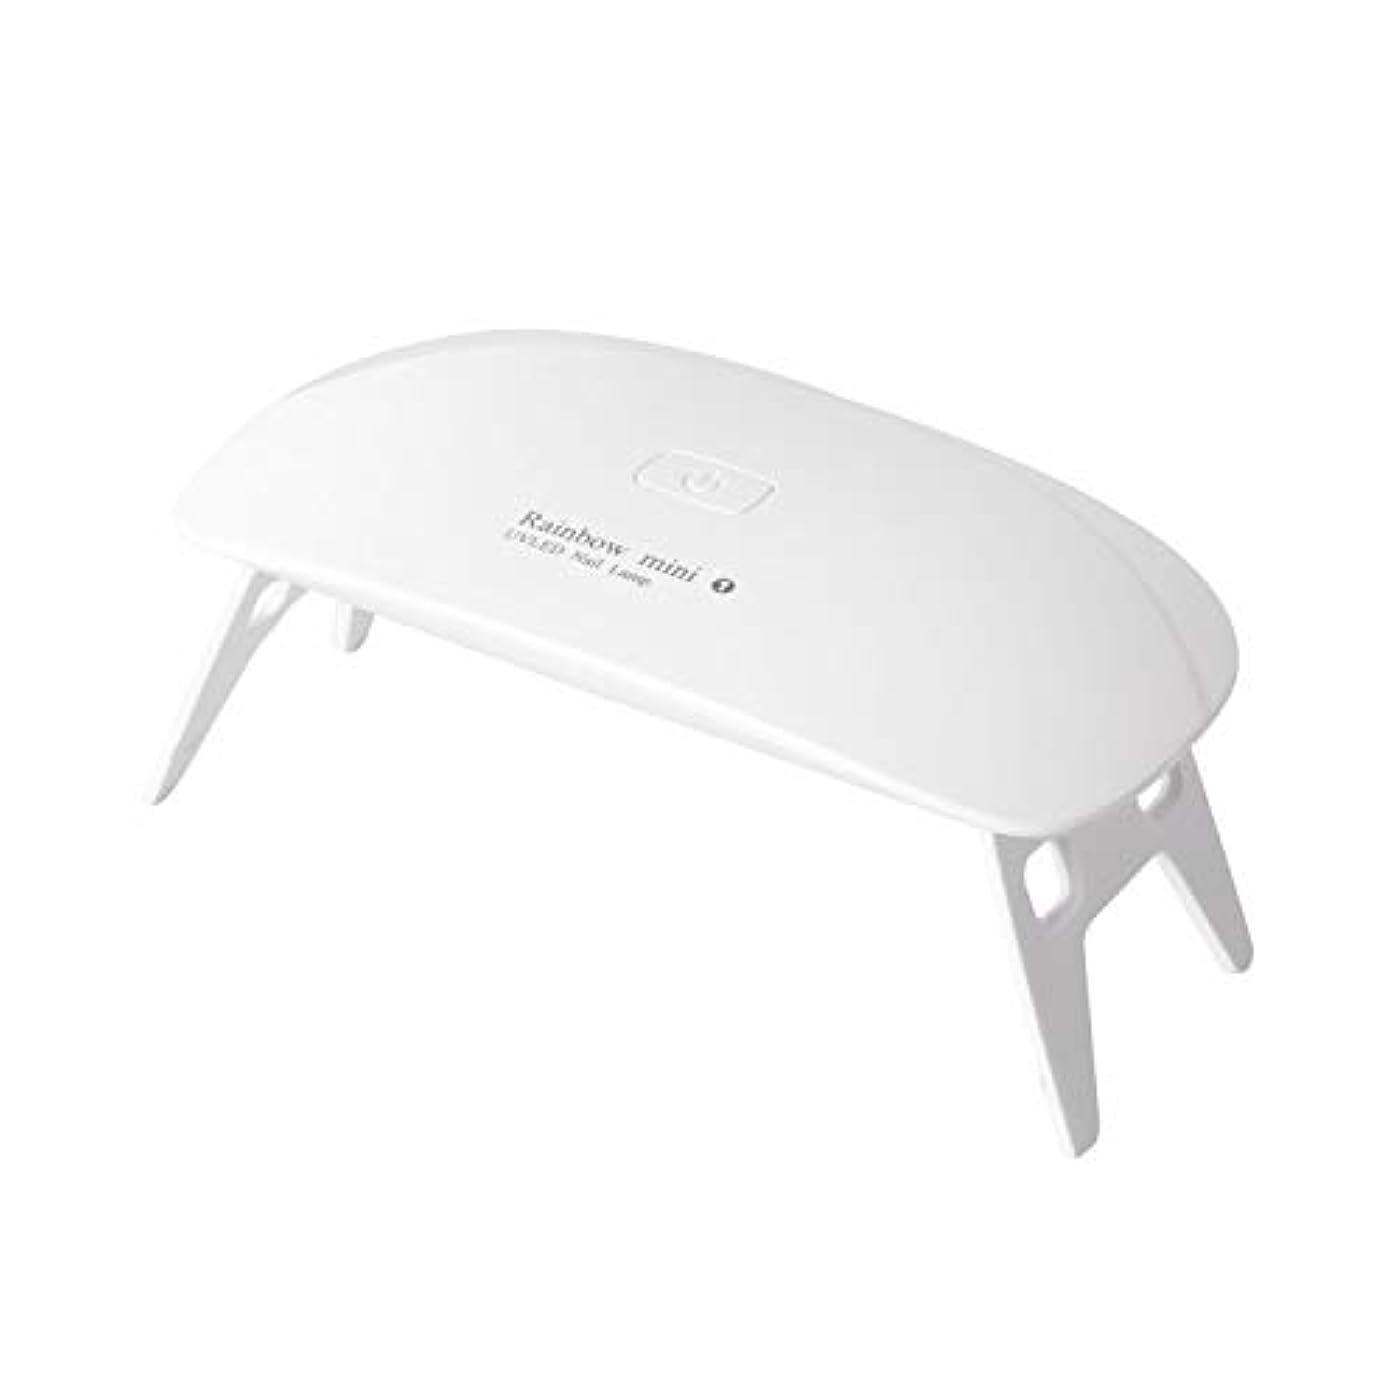 聡明アフリカ麻酔薬LEDネイルドライヤー AmoVee UVライト 硬化用UVライト タイマー設定可能 折りたたみ式 ジェルネイル用 ホワイト